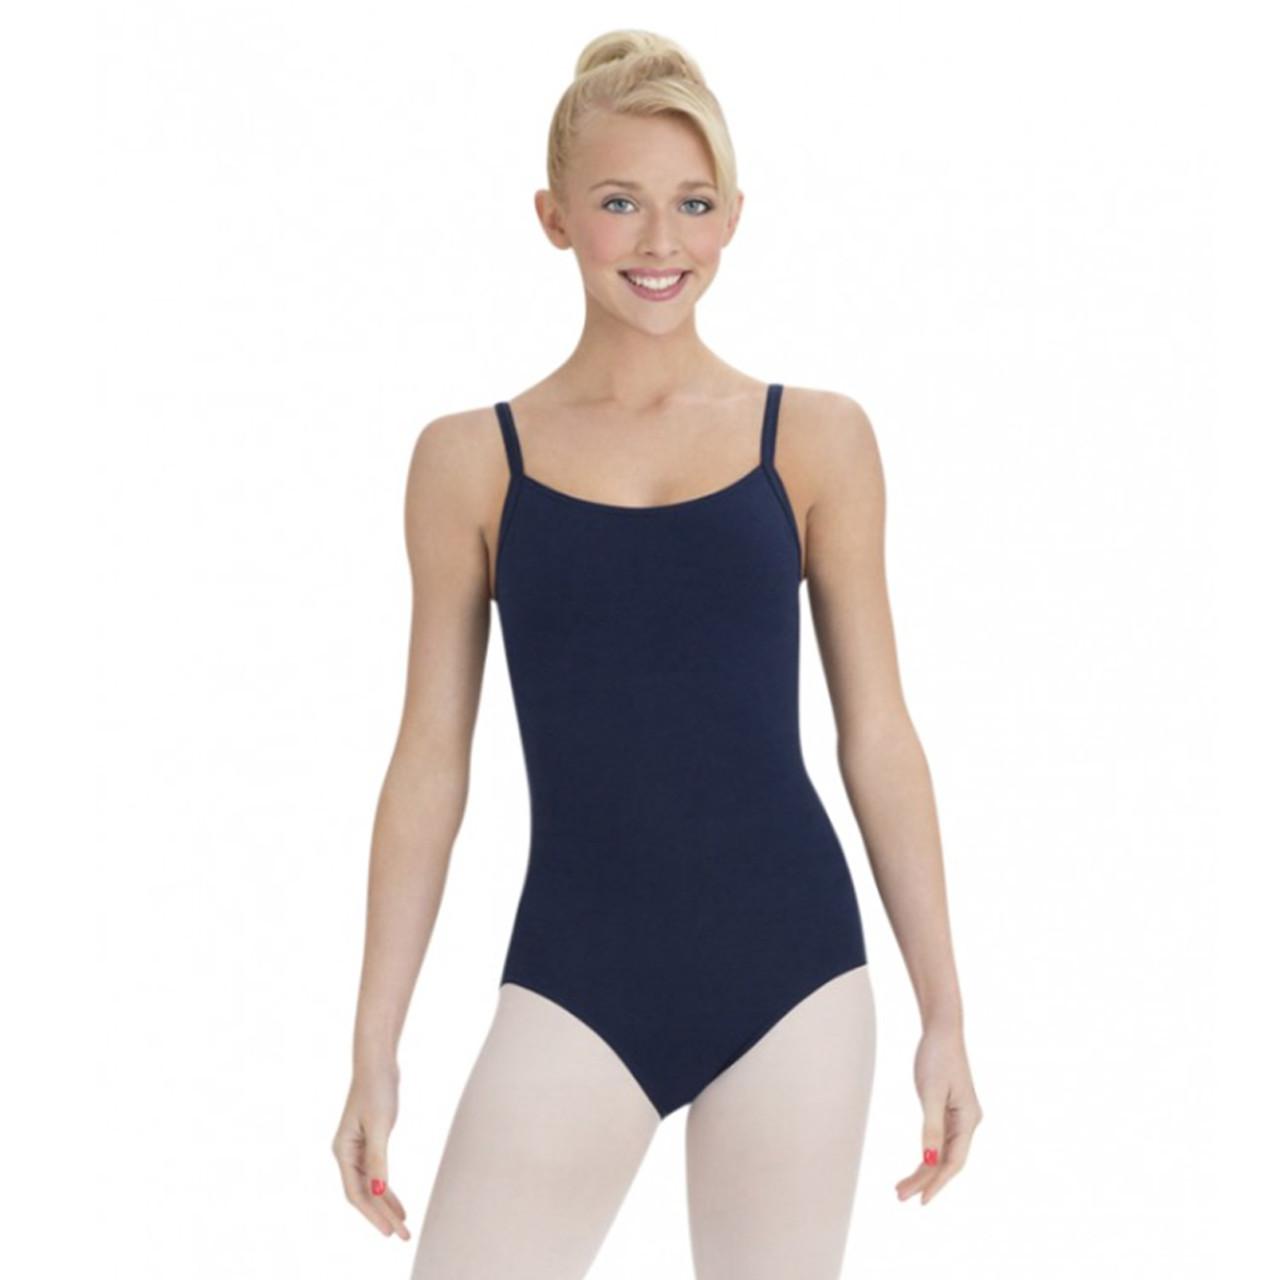 60ef733a6 Susan Robinson School of Ballet Navy Camisole Leotard With Bra Tek ...